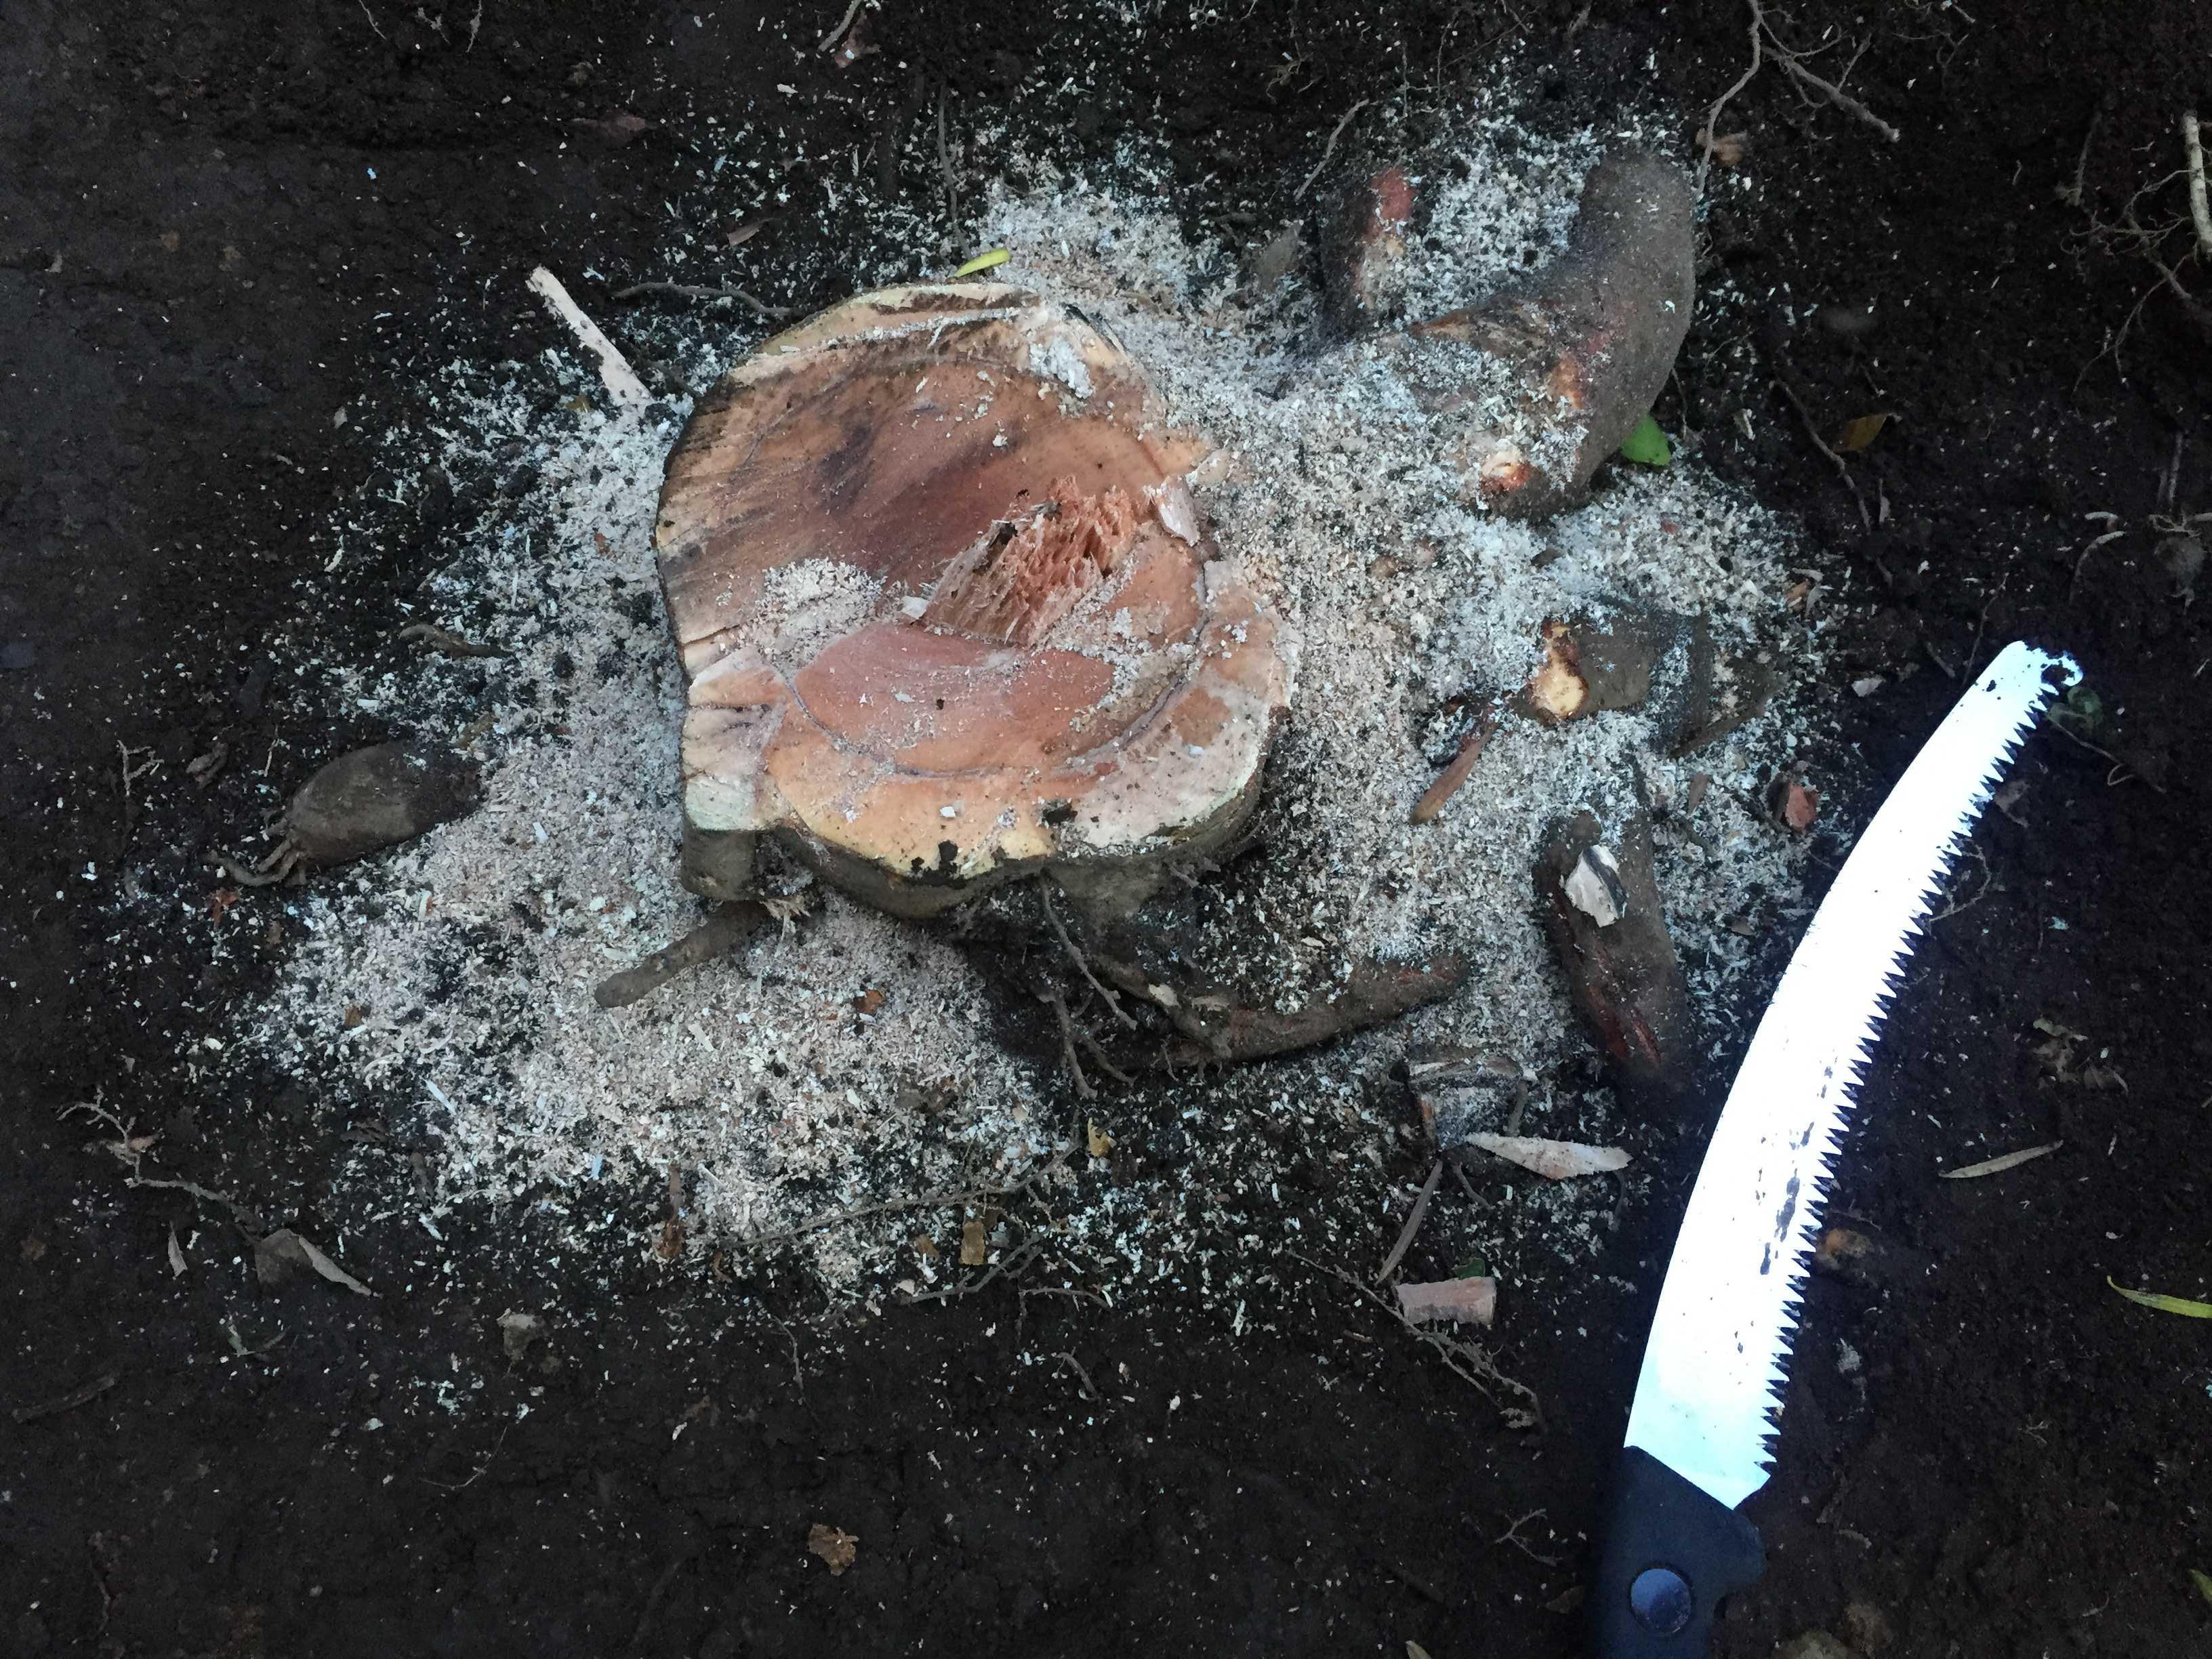 抜根(根を抜く作業)する椿(ツバキ)の木の切り株